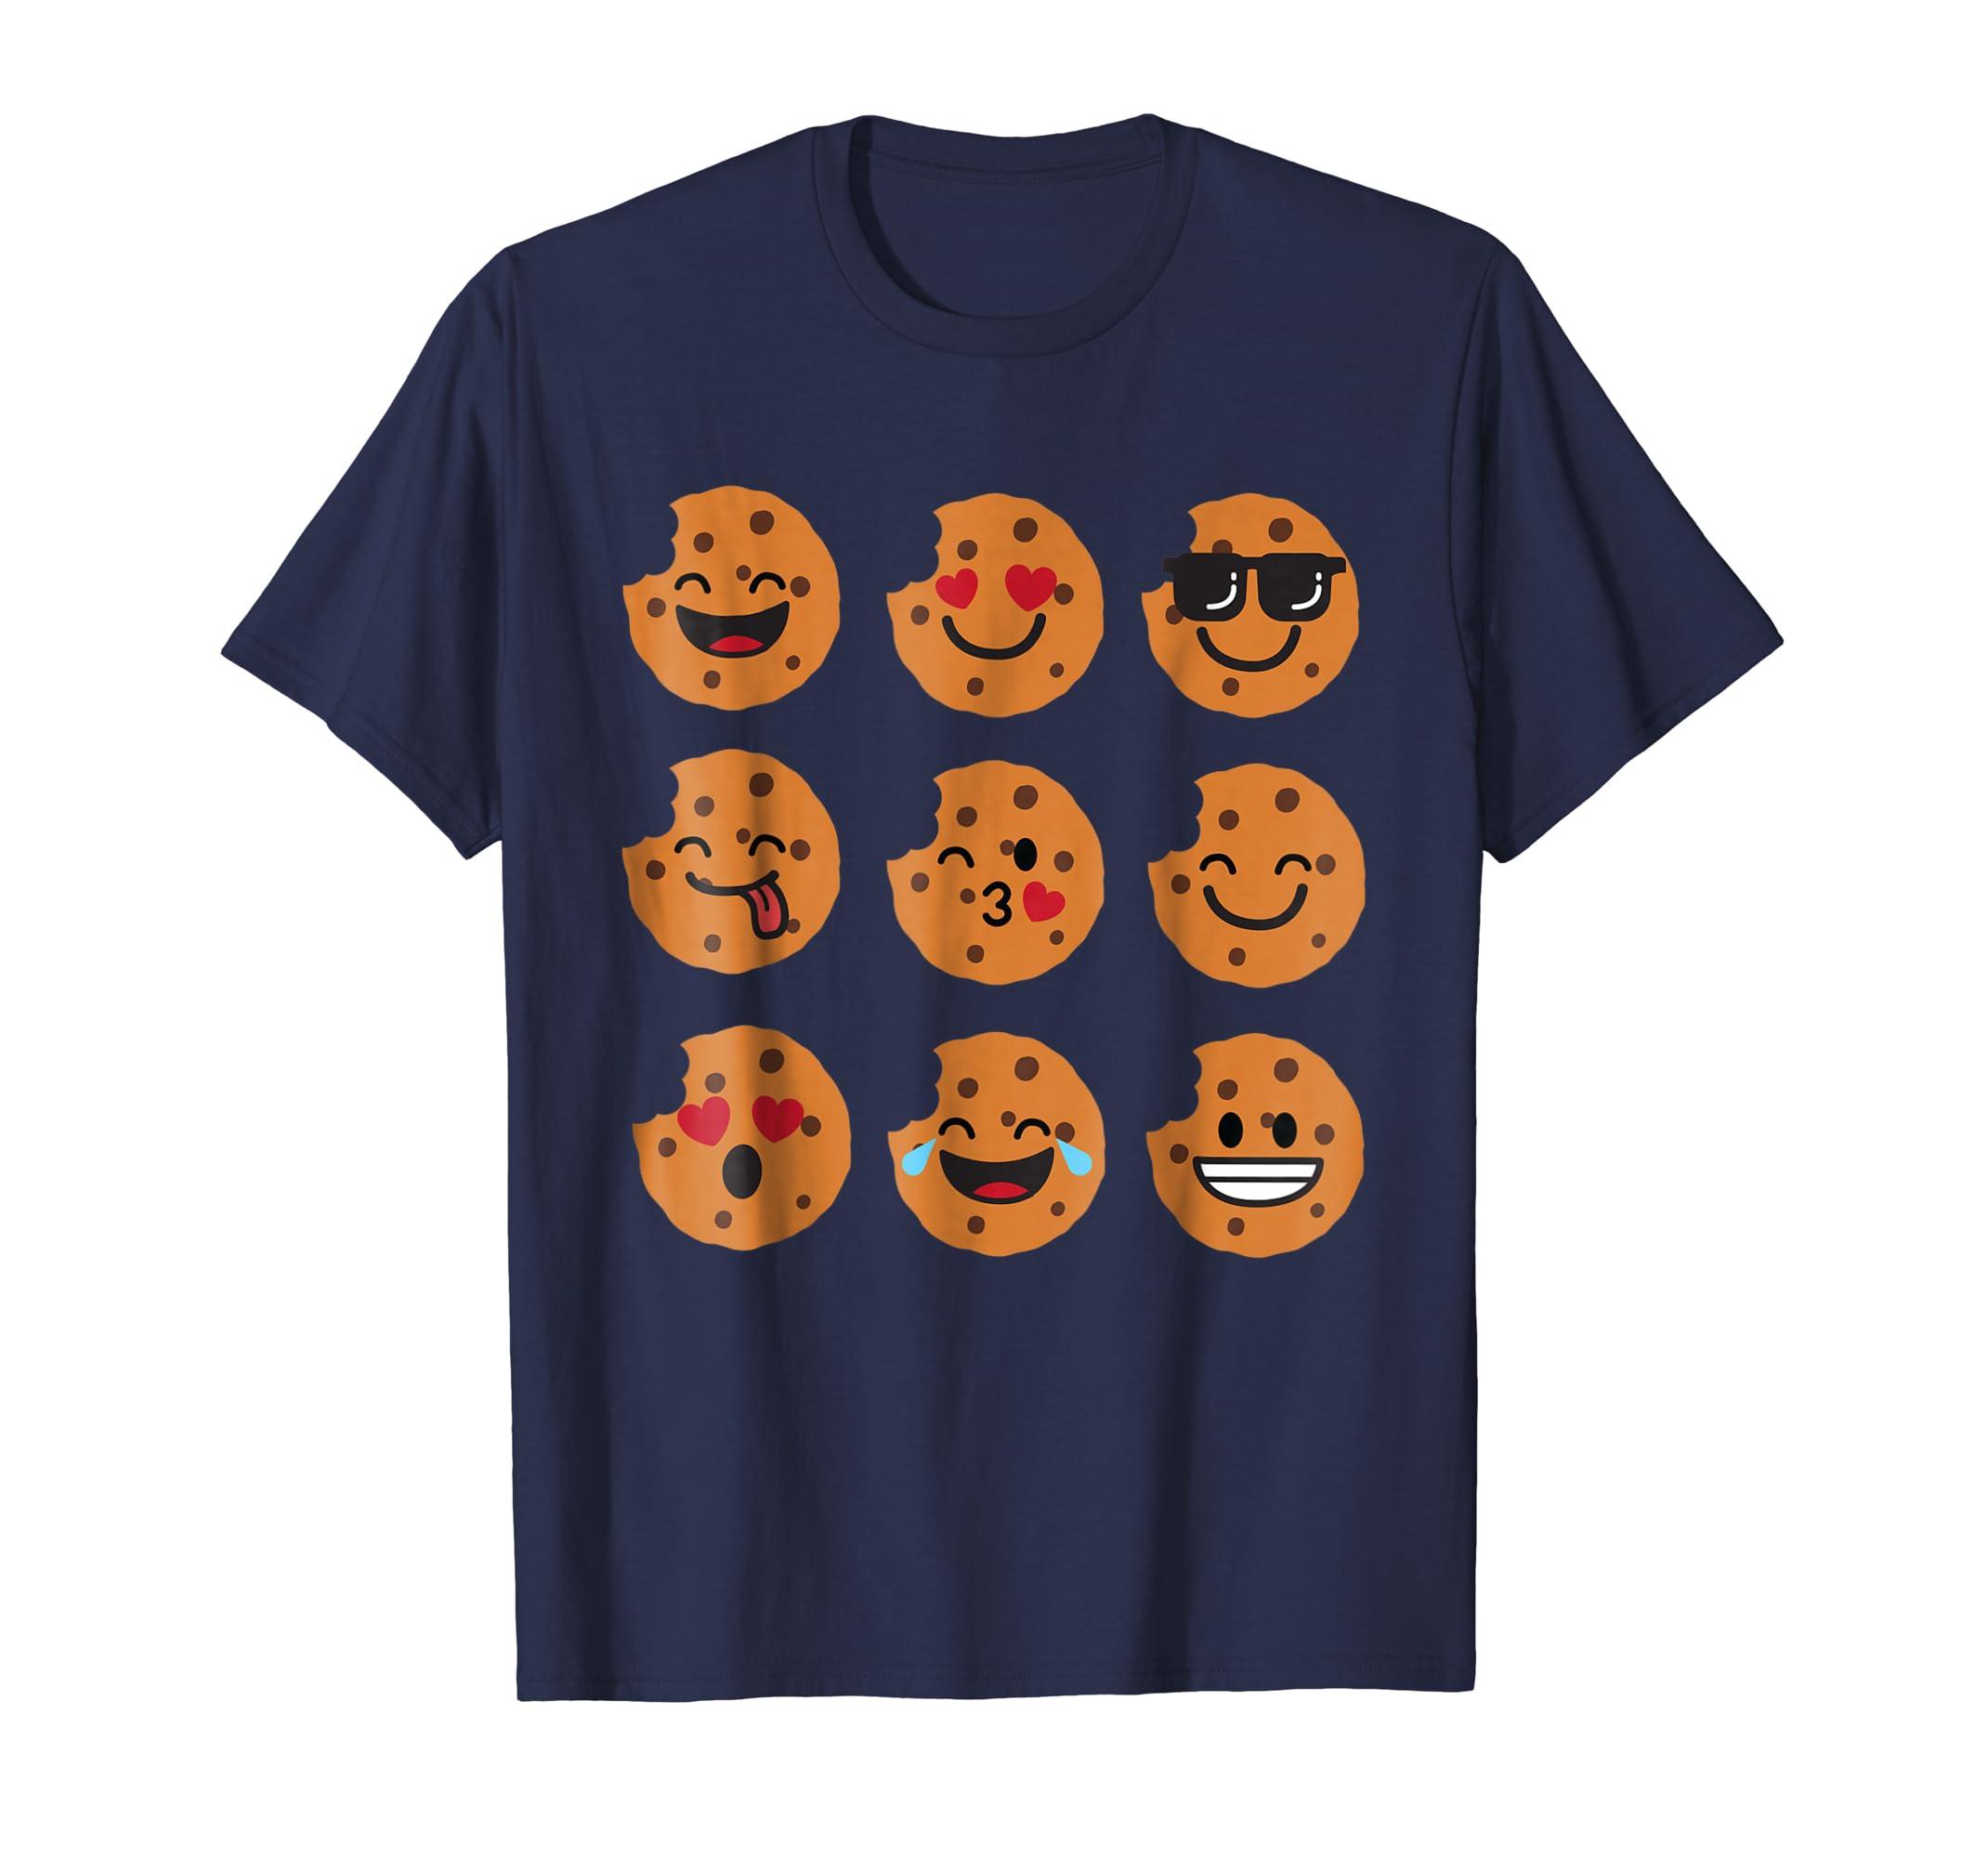 Cookie Emoji Smiley Funny Christmas Shirt Gift-azvn